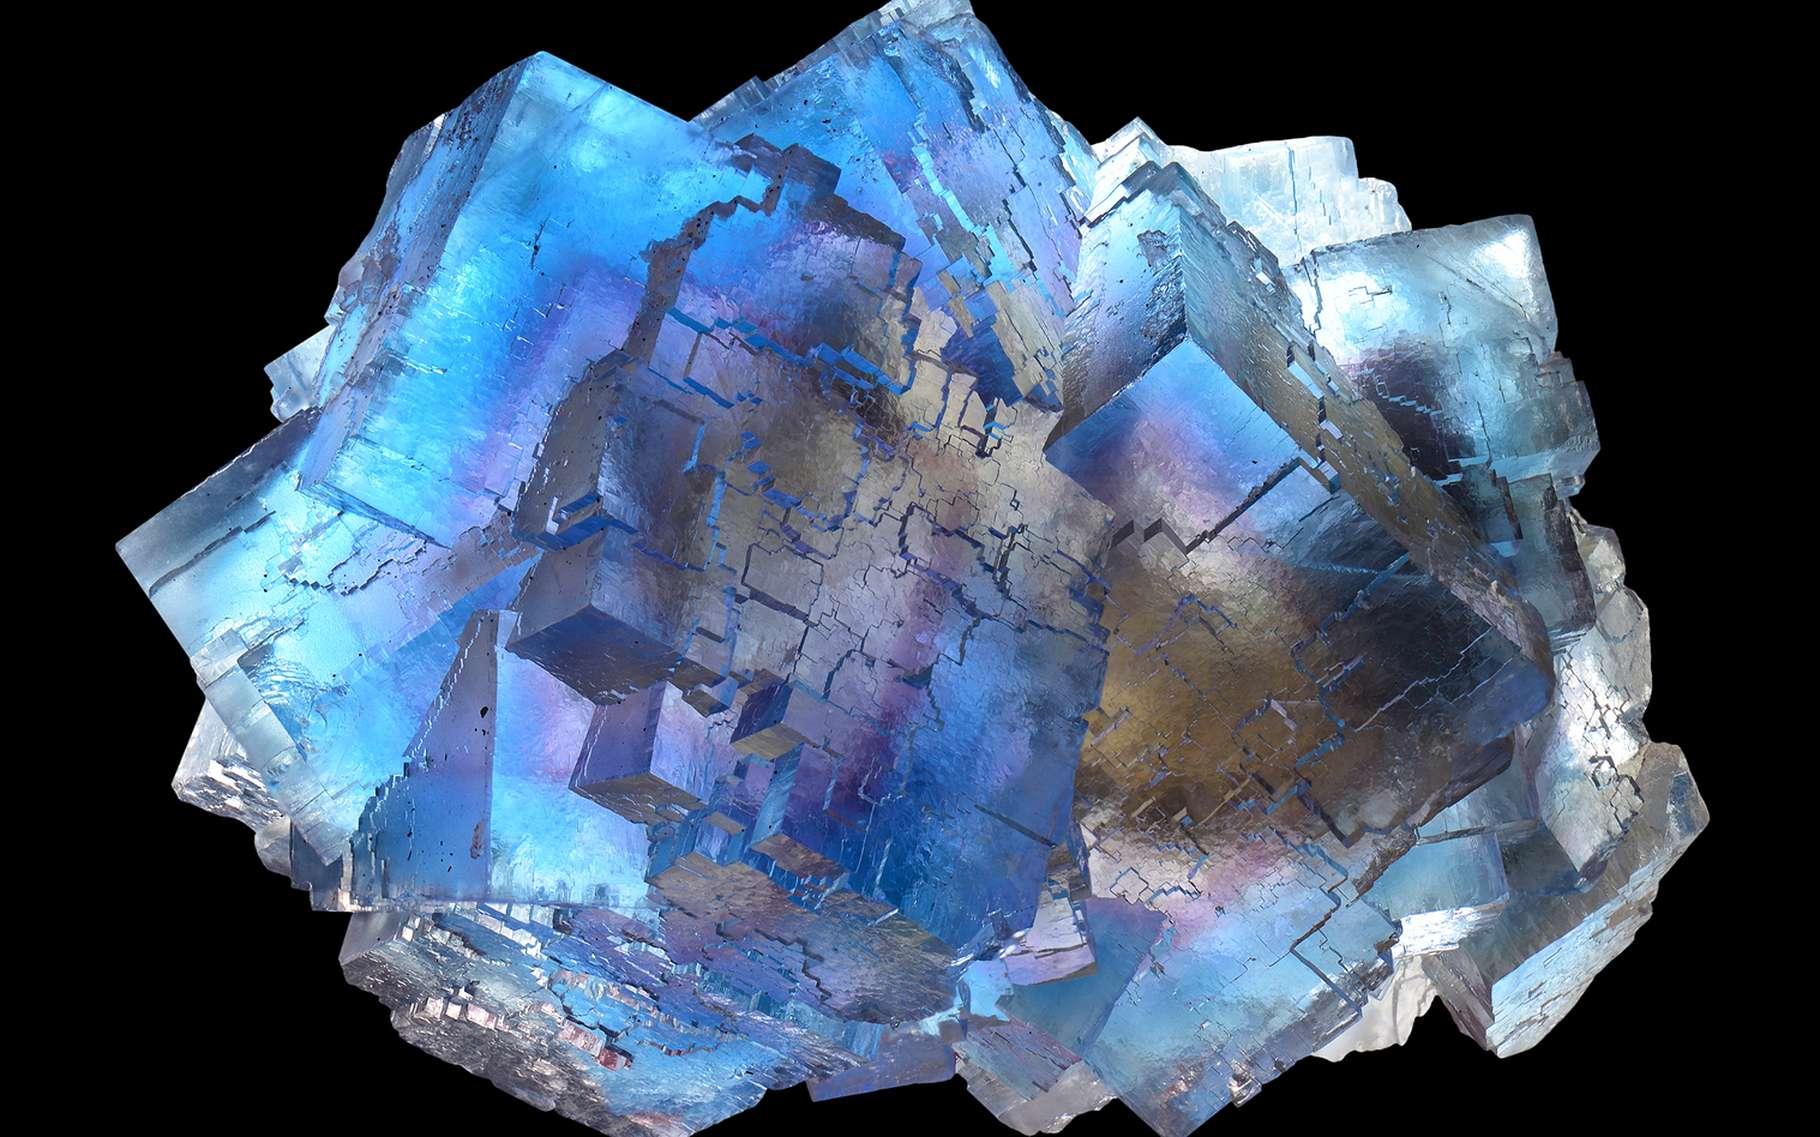 La thermoluminescence de la fluorite peut être activée par la seule chaleur du corps humain. Tenue dans une main, elle émet un faible rayonnement vert à bleu-vert. © Albert Russ, Shutterstock